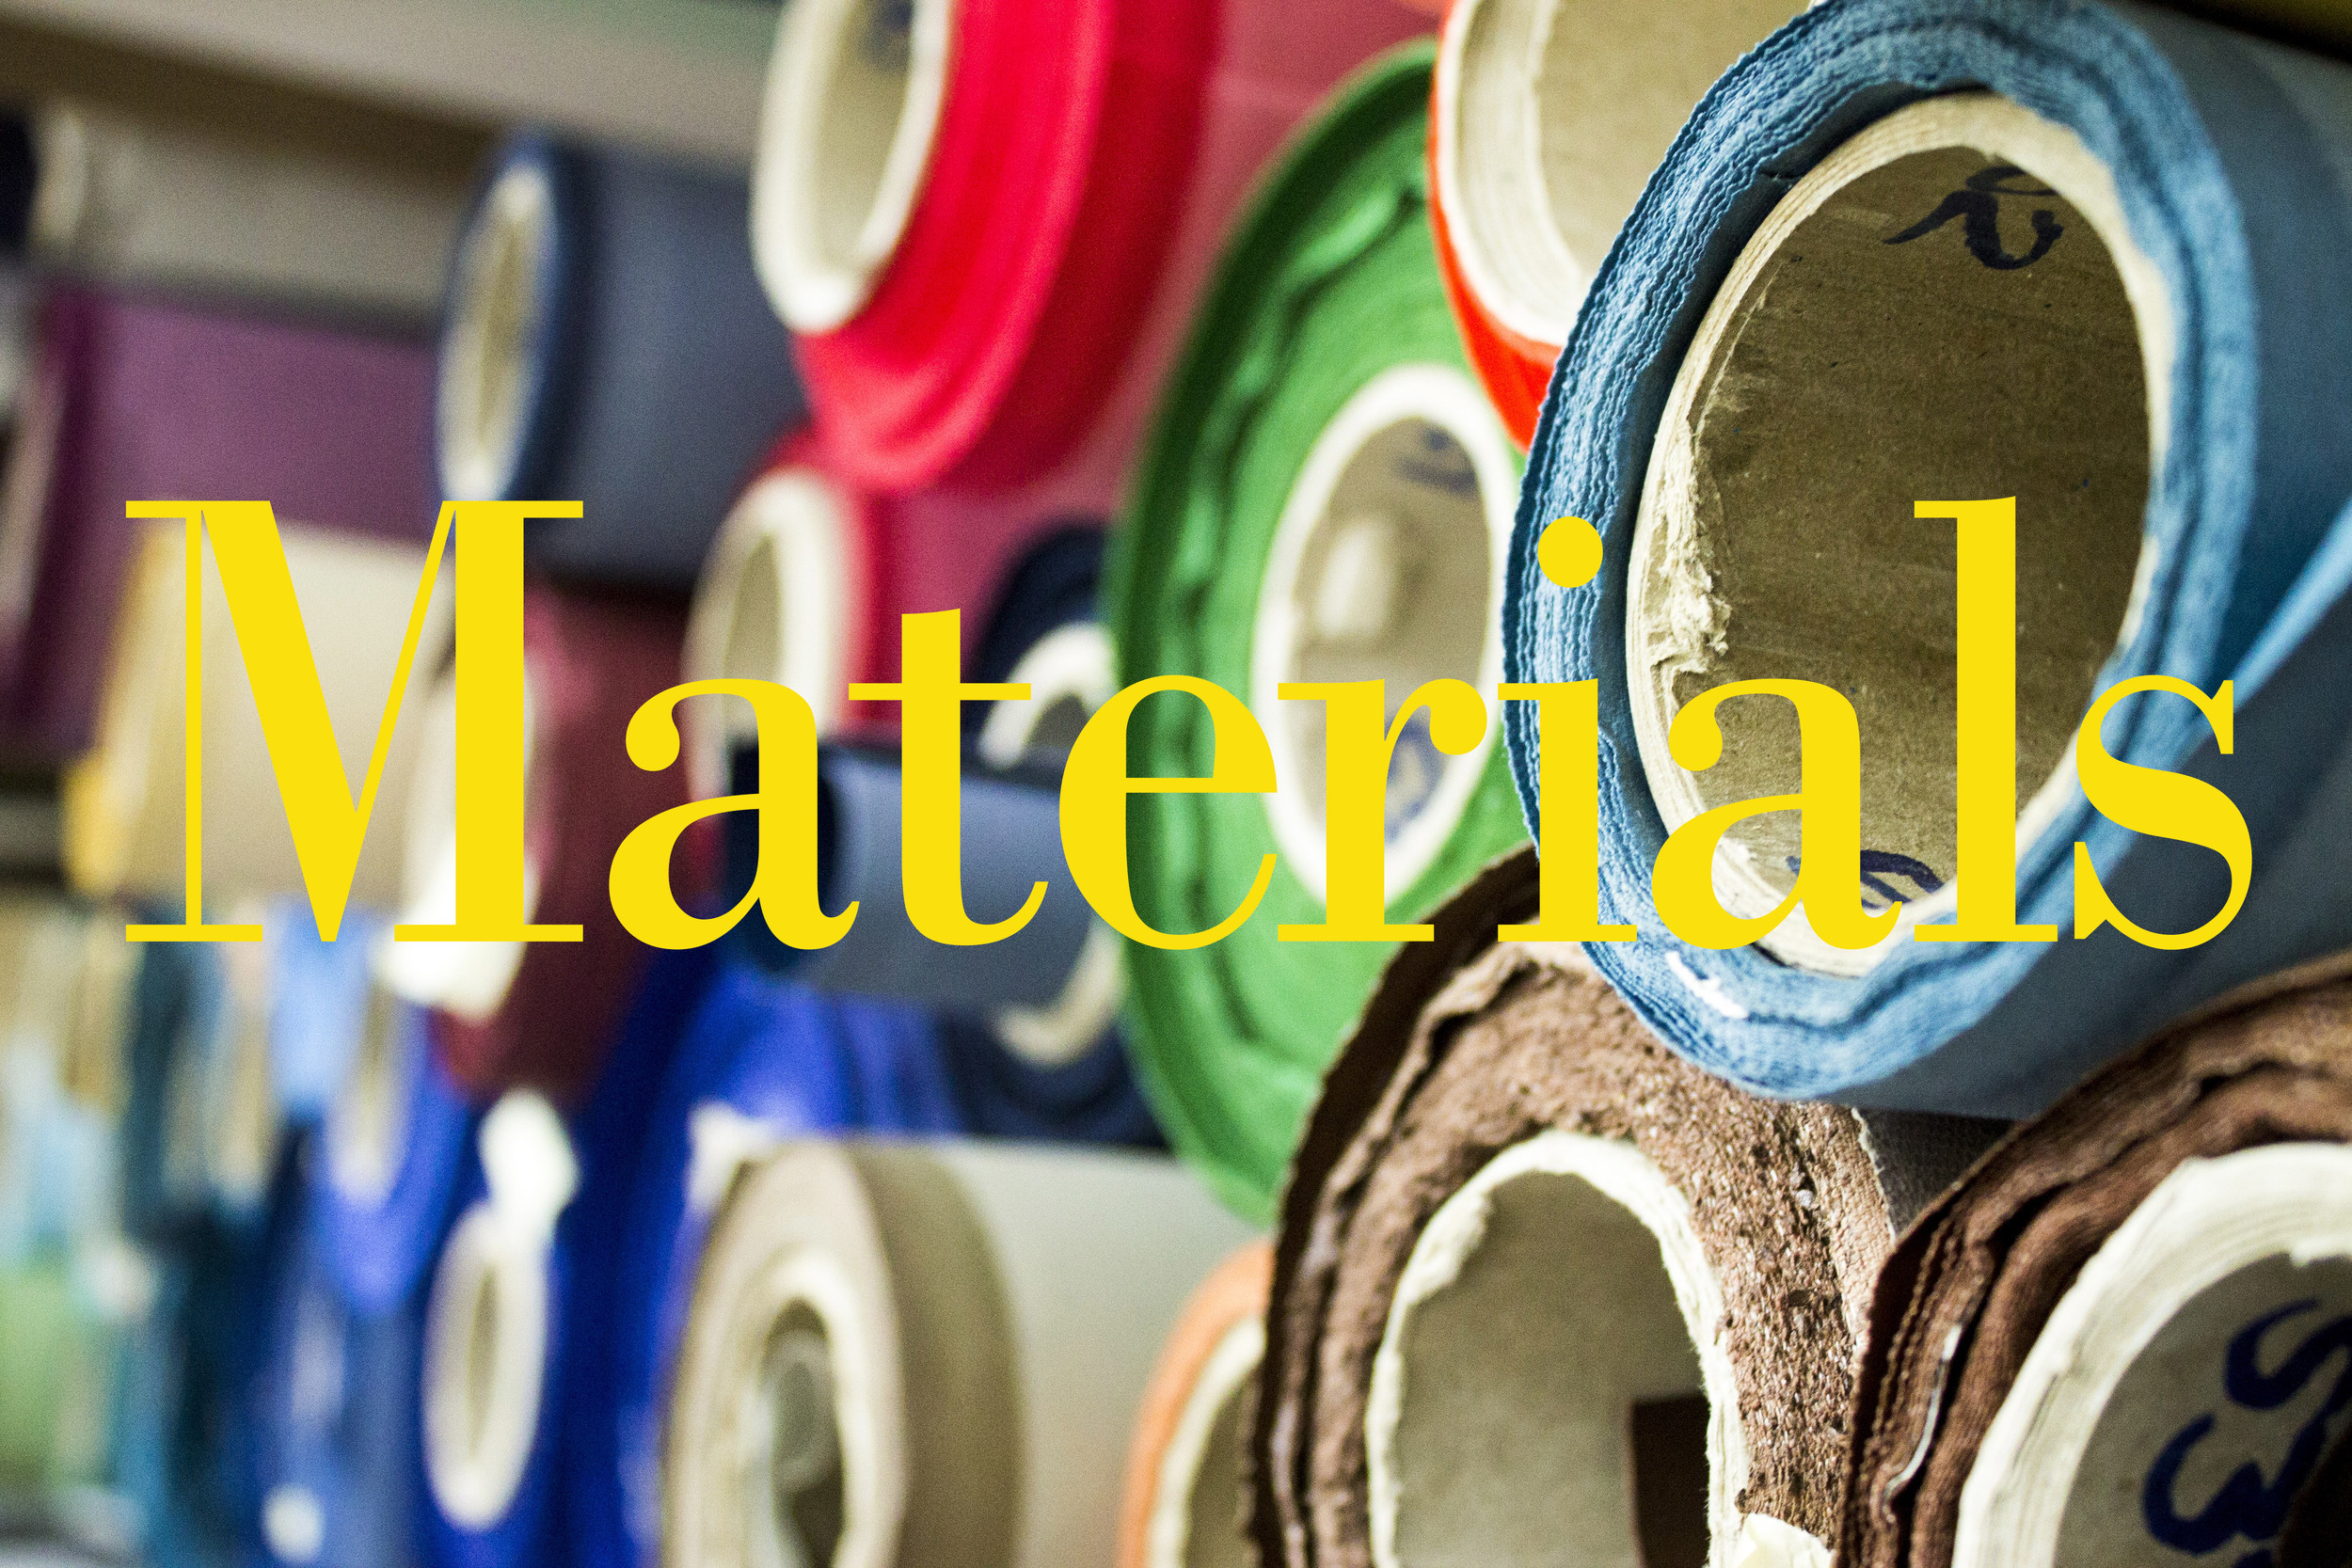 Buy materials online